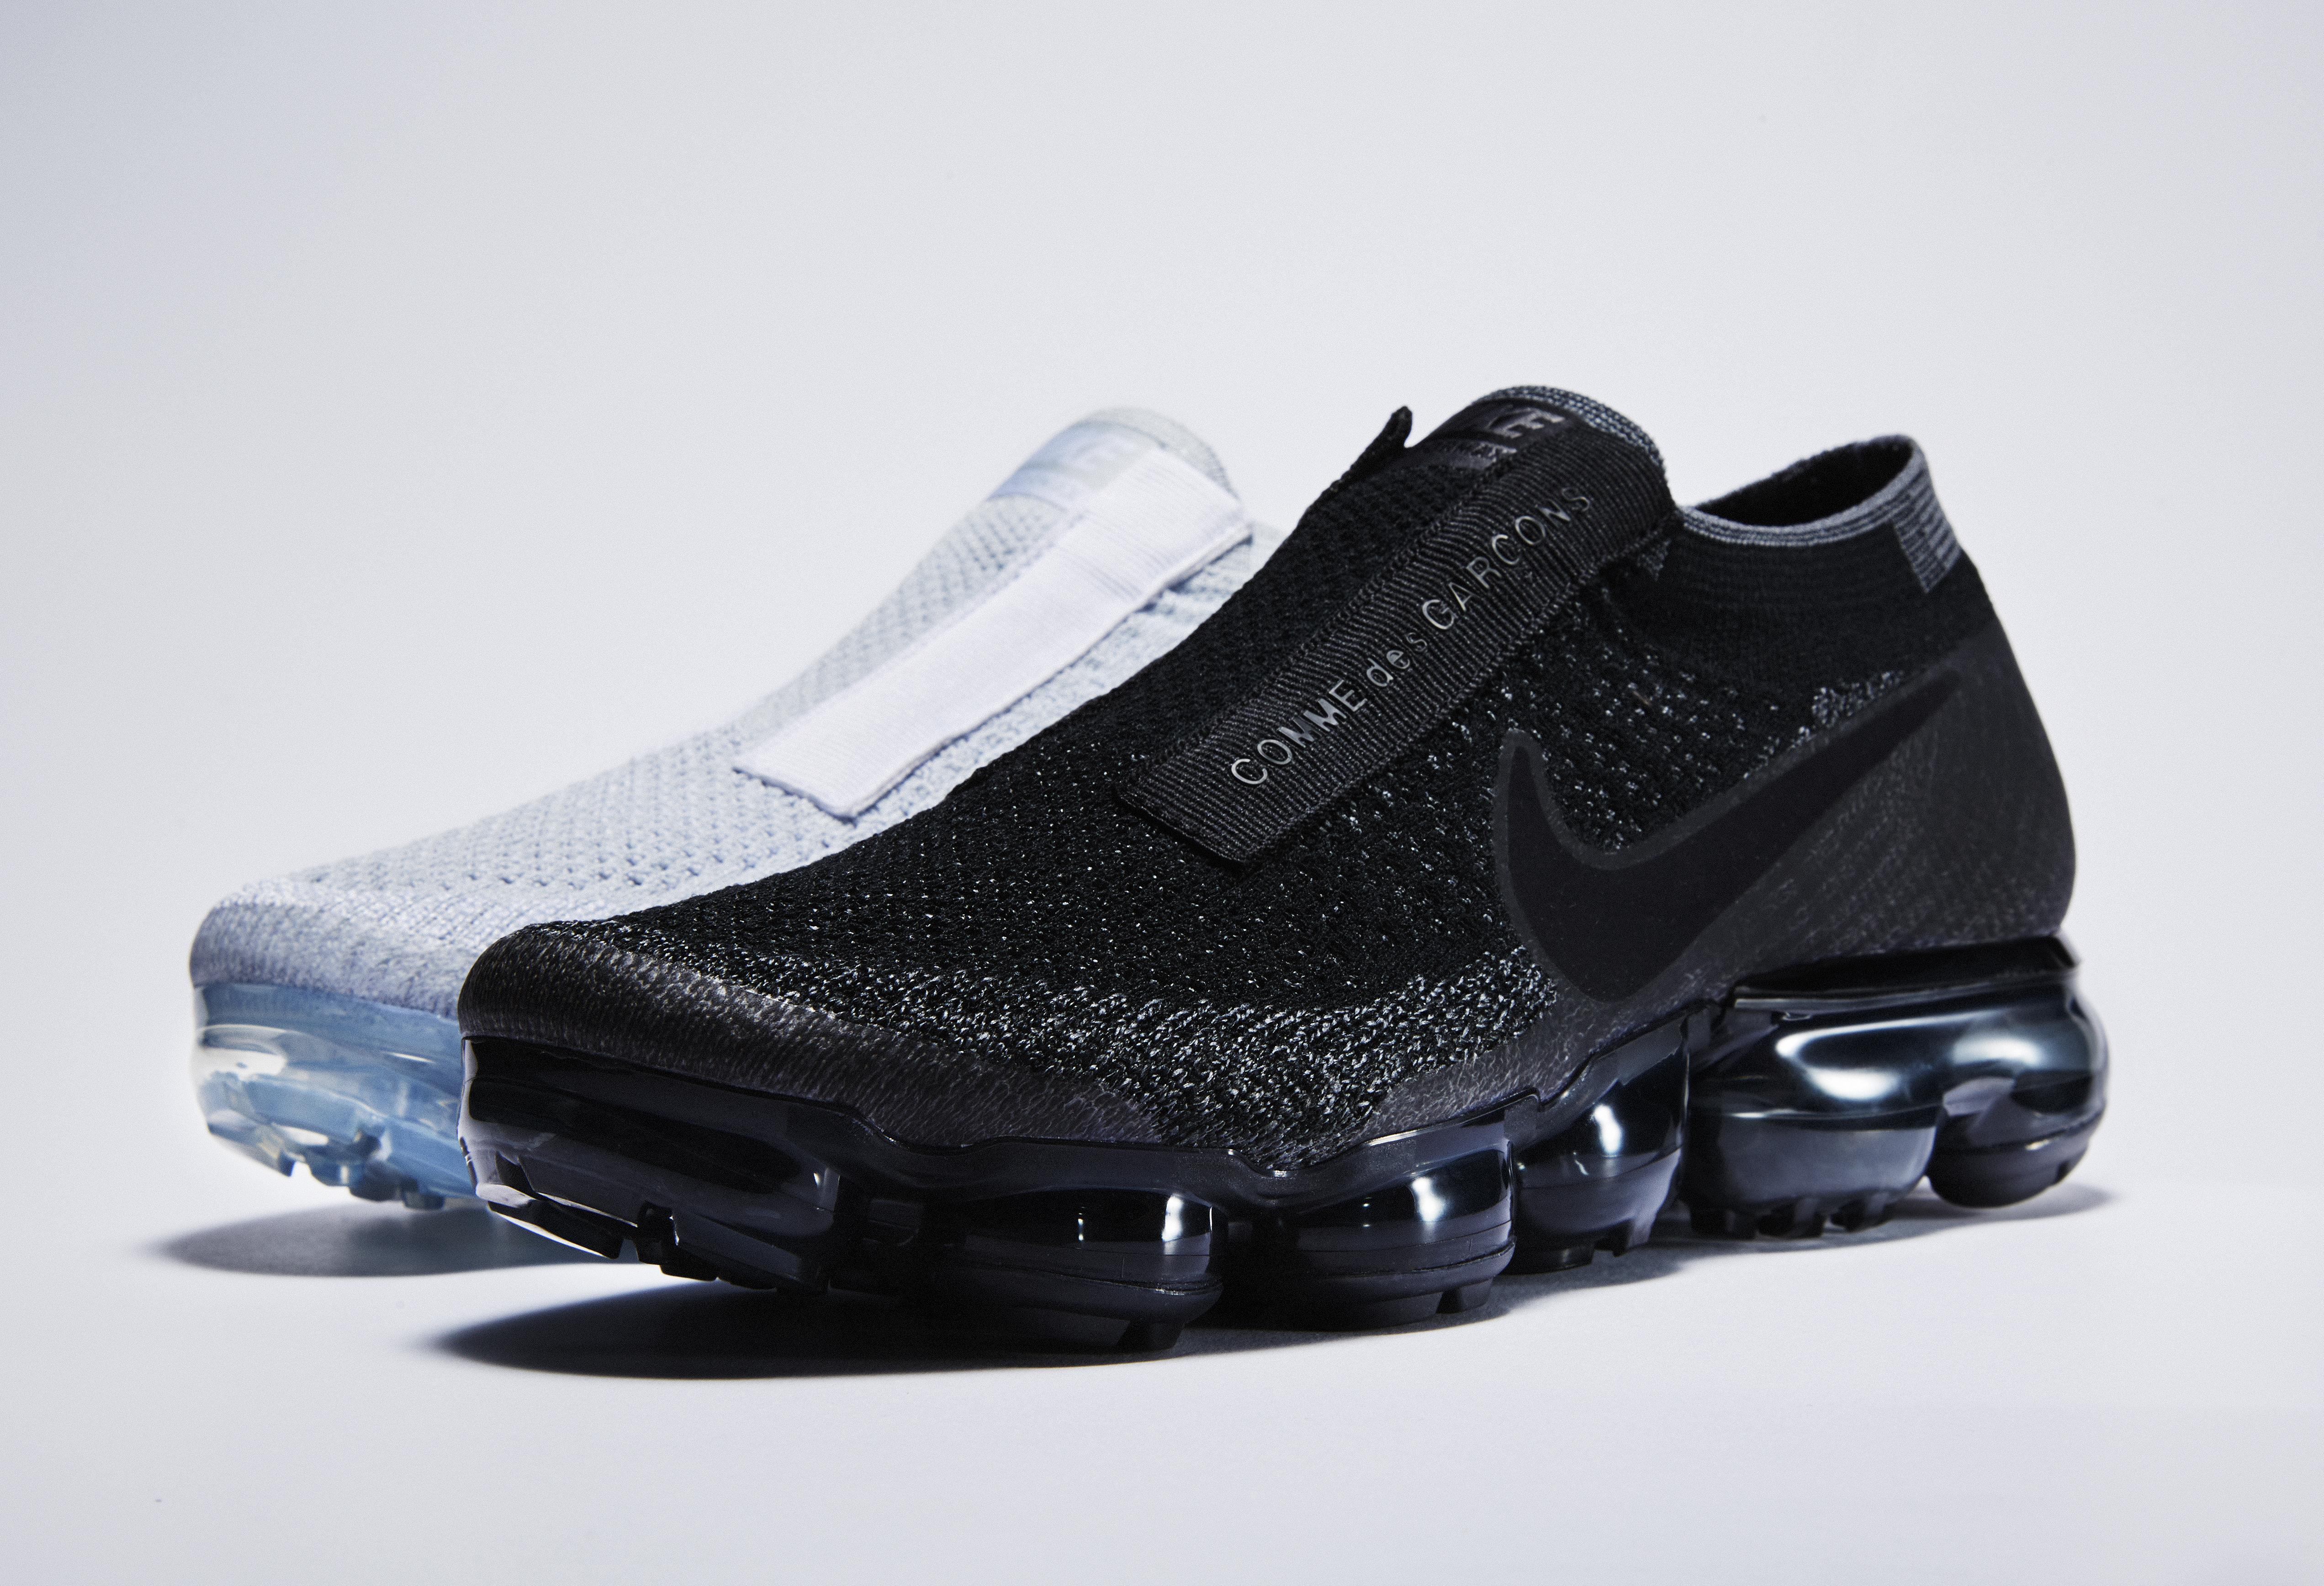 9fc21994663 Man kan aldrig få för många sneakers – så låter det åtminstone om du frågar  en sann sneakerfantast. Senaste sneakern från Nike för COMME des GARÇONS  väcker ...